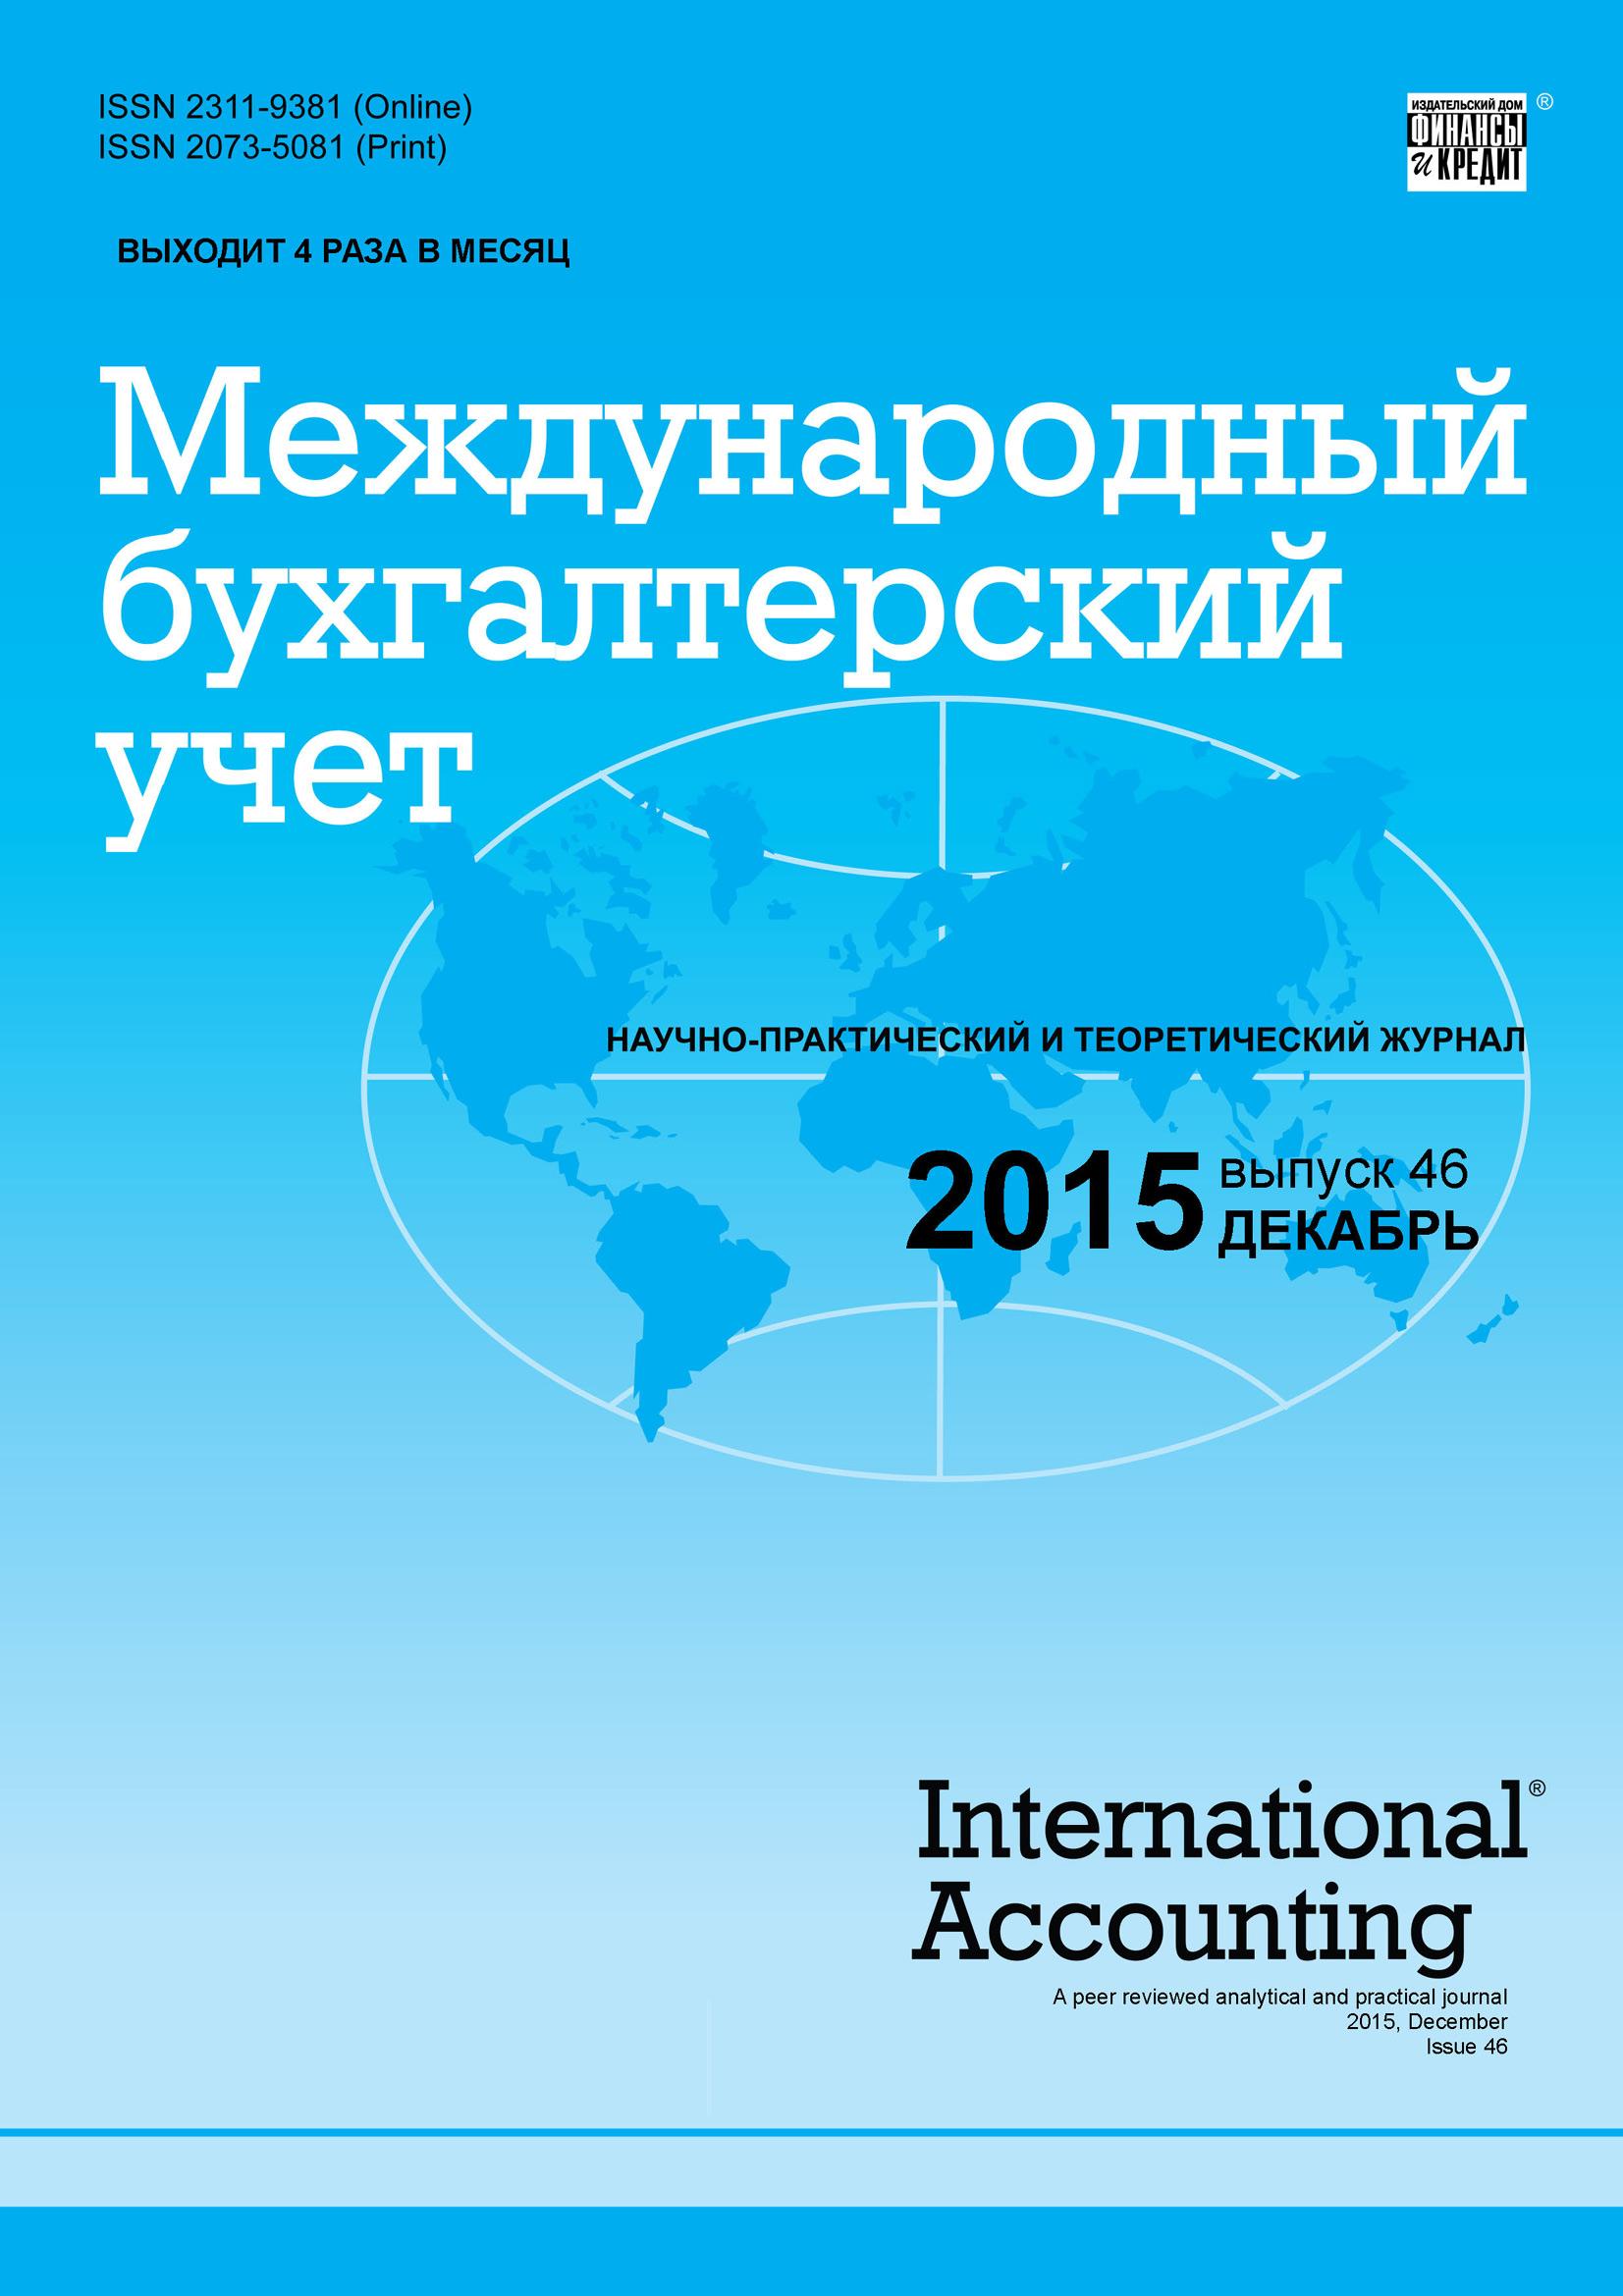 Международный бухгалтерский учет № 46 (388) 2015